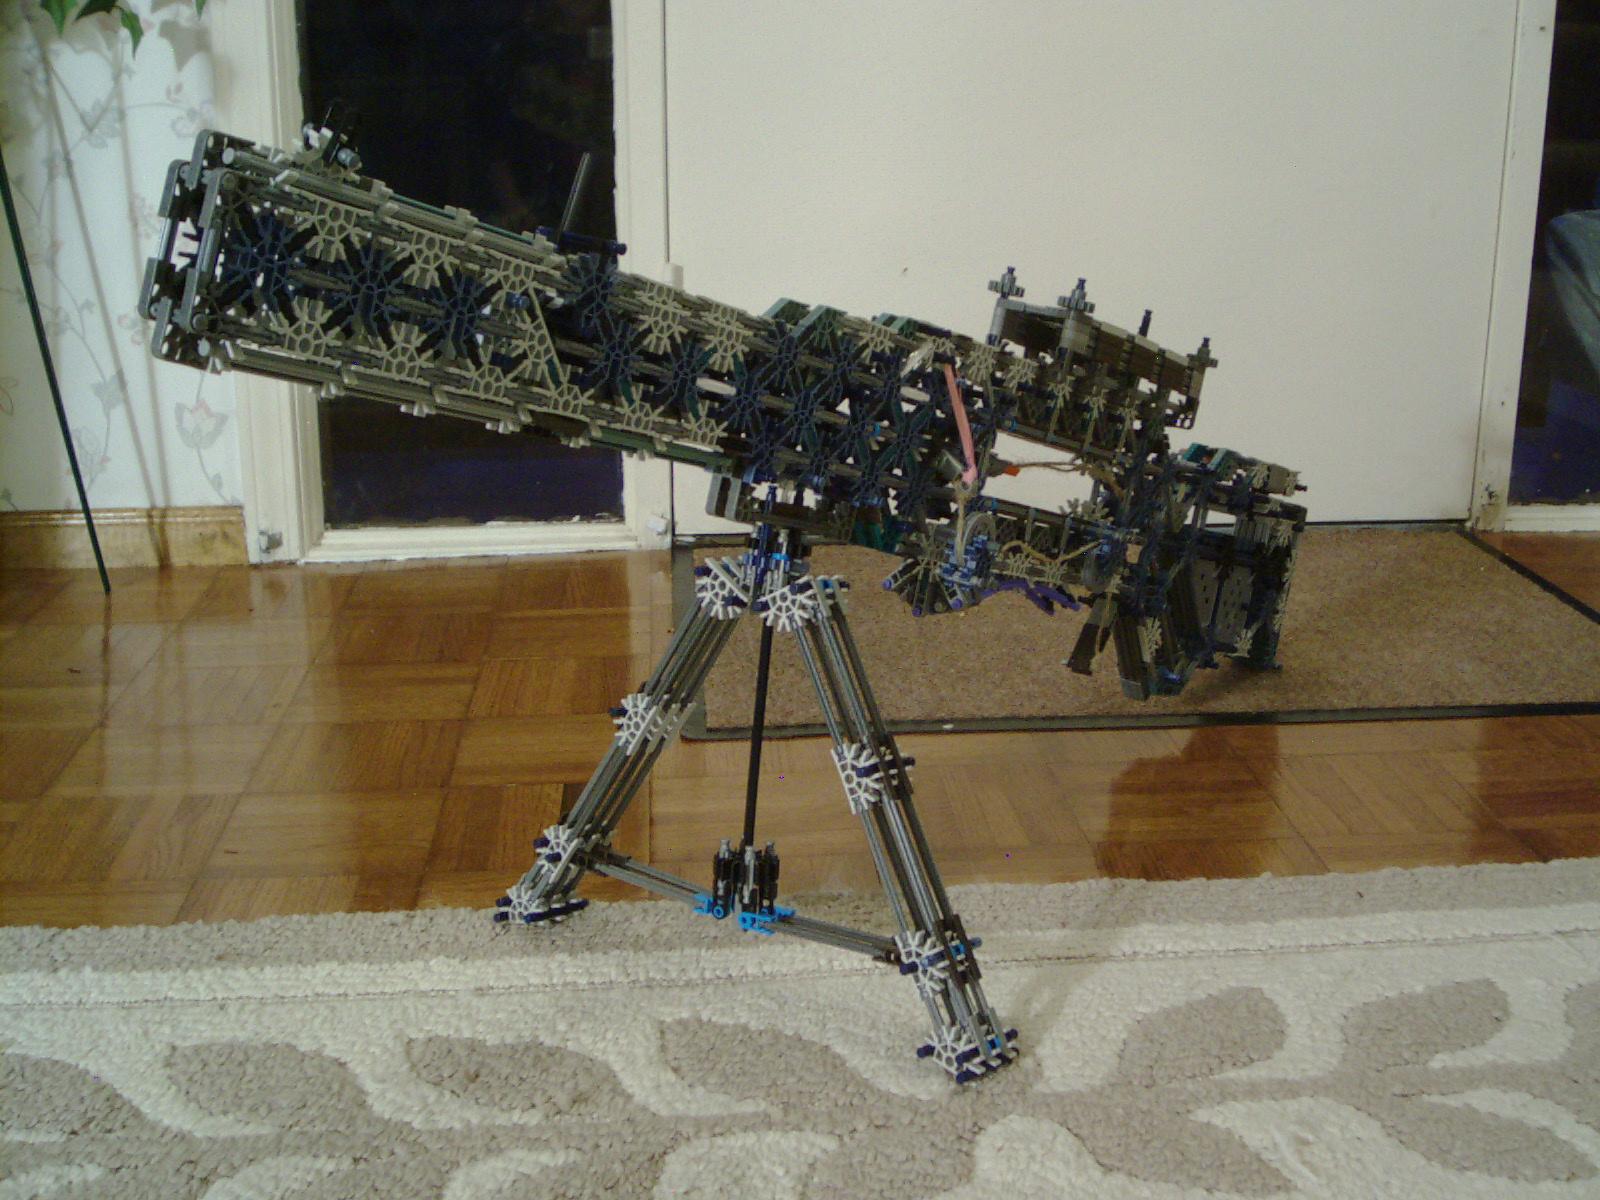 morretti SR-4 knex recon kit